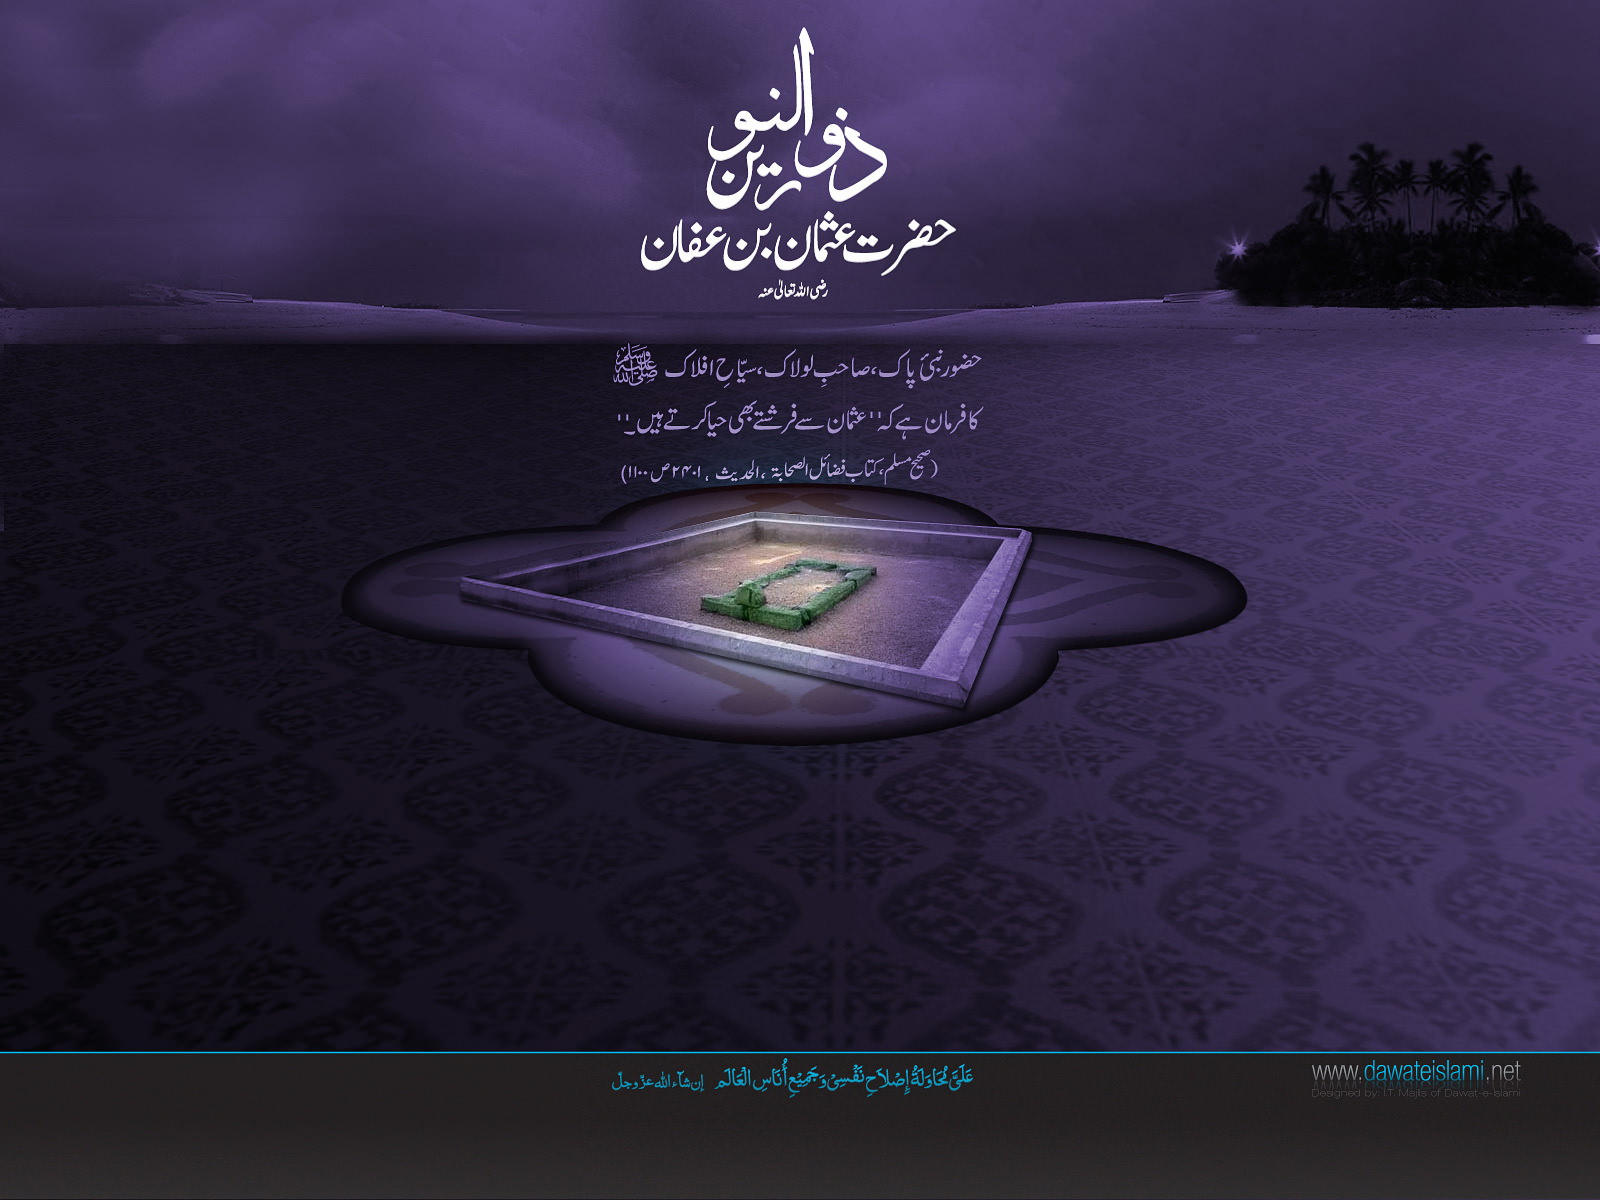 فیضانِ عثمان غنی رضی اللہ تعالٰی عنہ